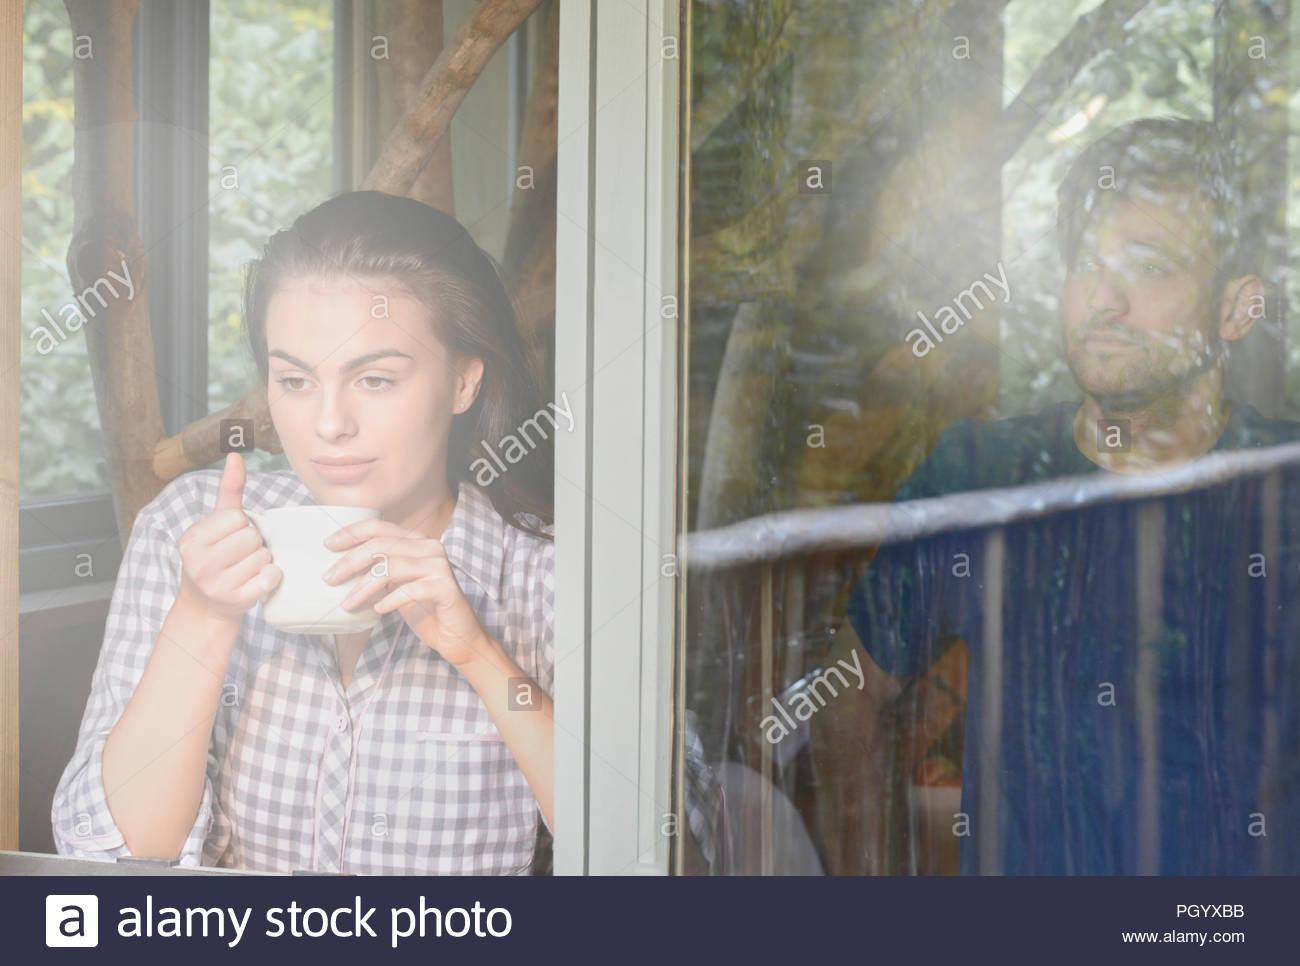 Coppia giovane a open log cabin finestra. Immagini Stock